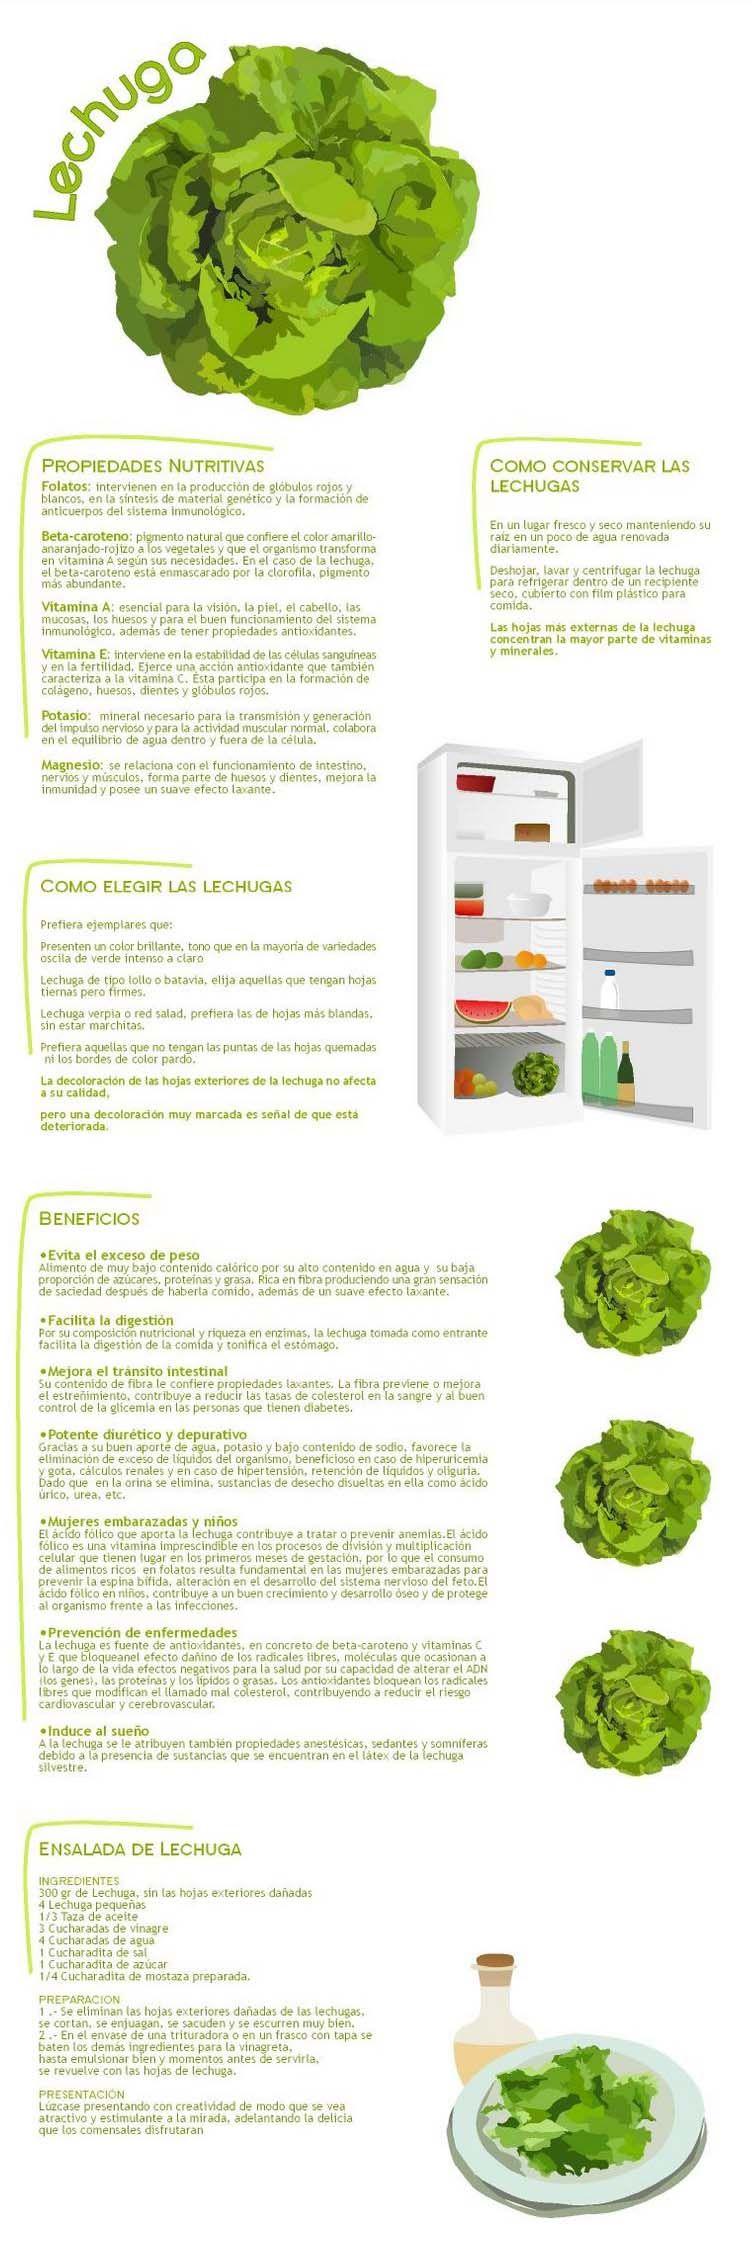 La Lechuga Propiedades Nutritivas Y Beneficios Para La Salud Infografia Lechuga Nutritivo Nutrición Alimentos Saludables